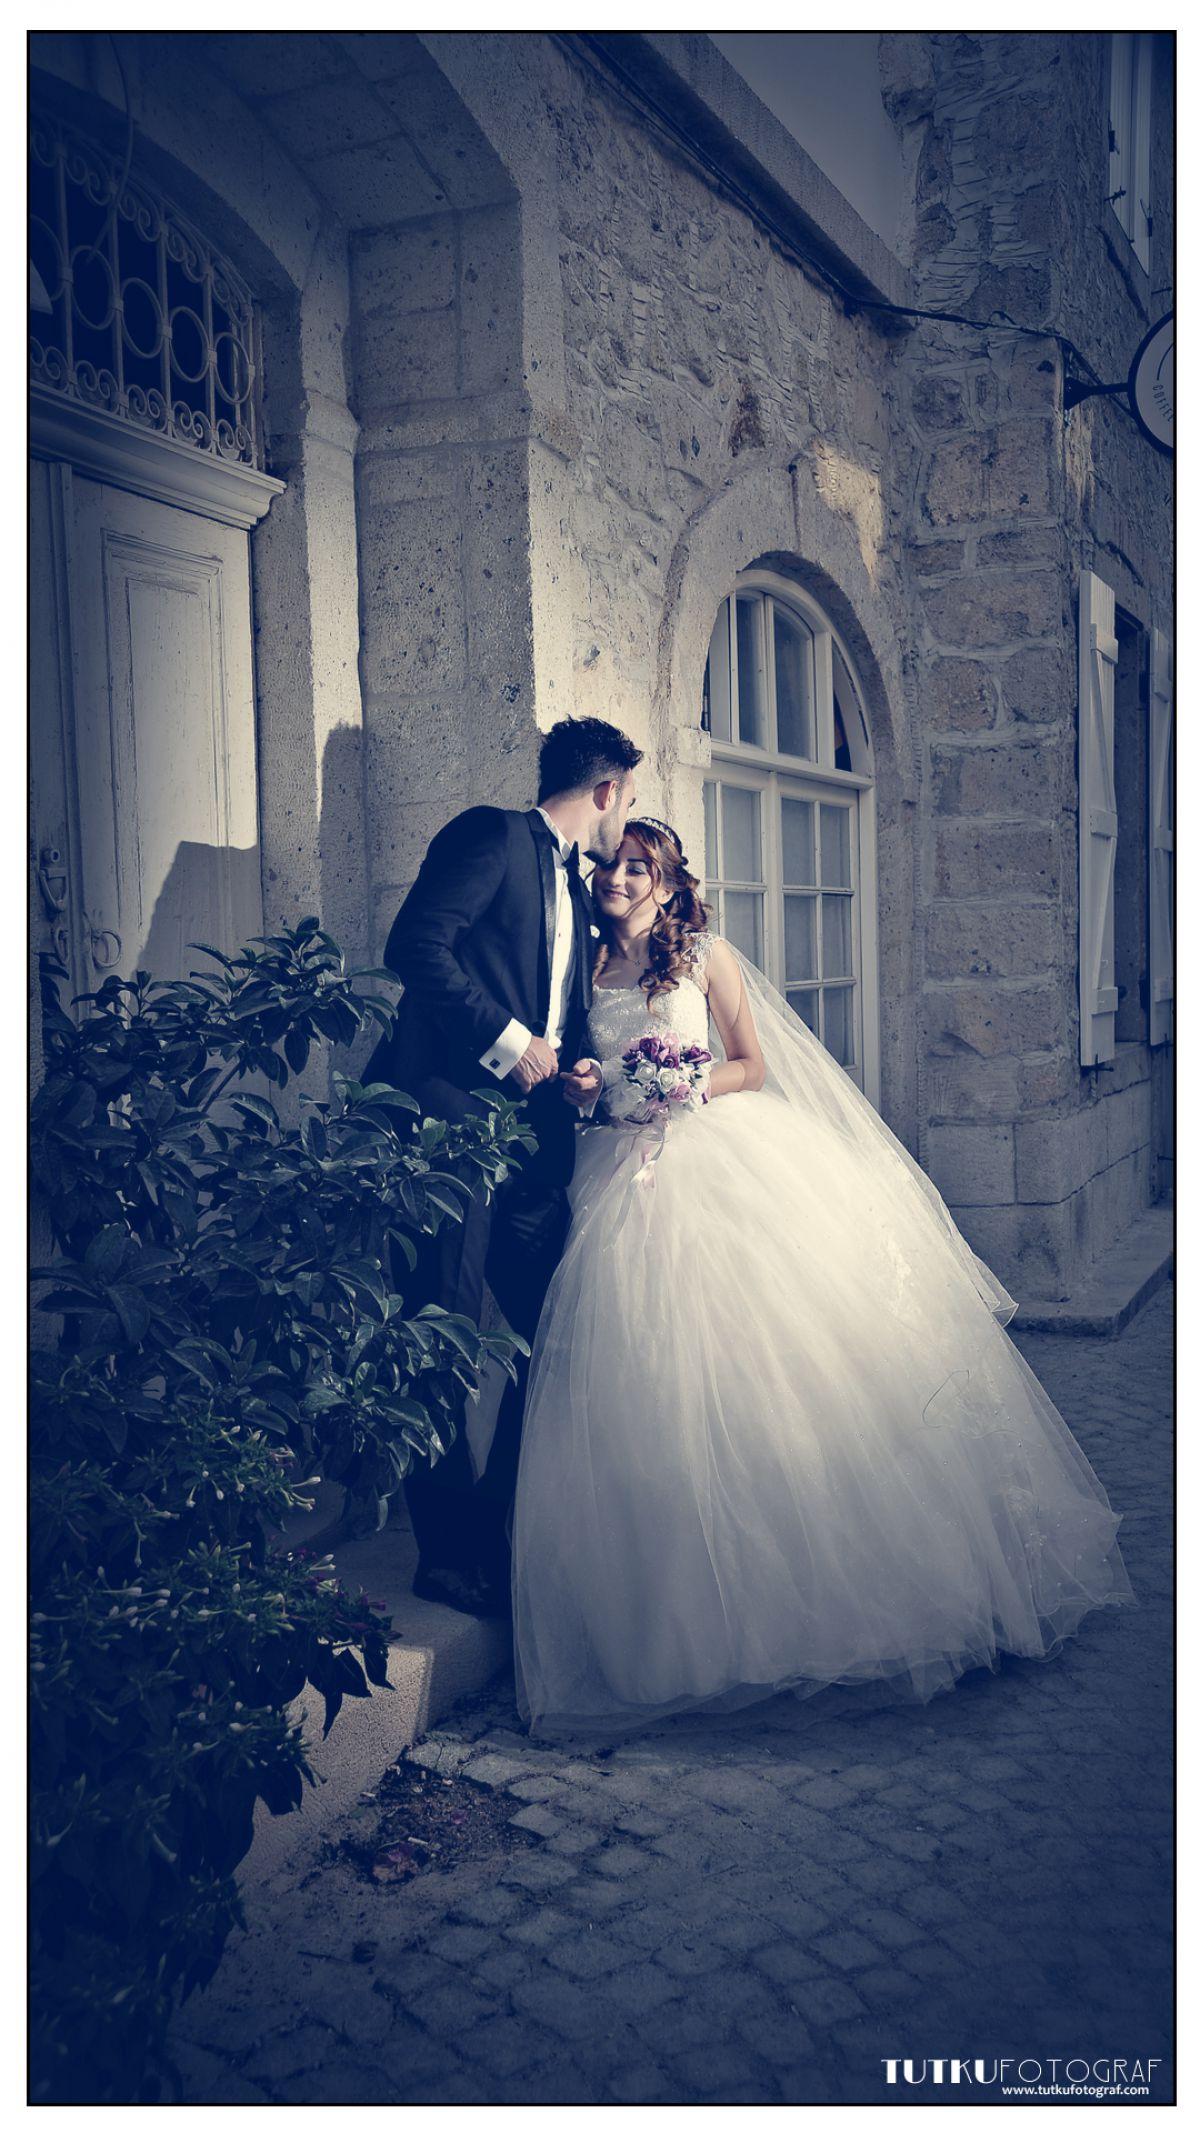 Alaçatı Düğün Fotoğrafçısı-Alacati-Dugun-Fotografcisi-6